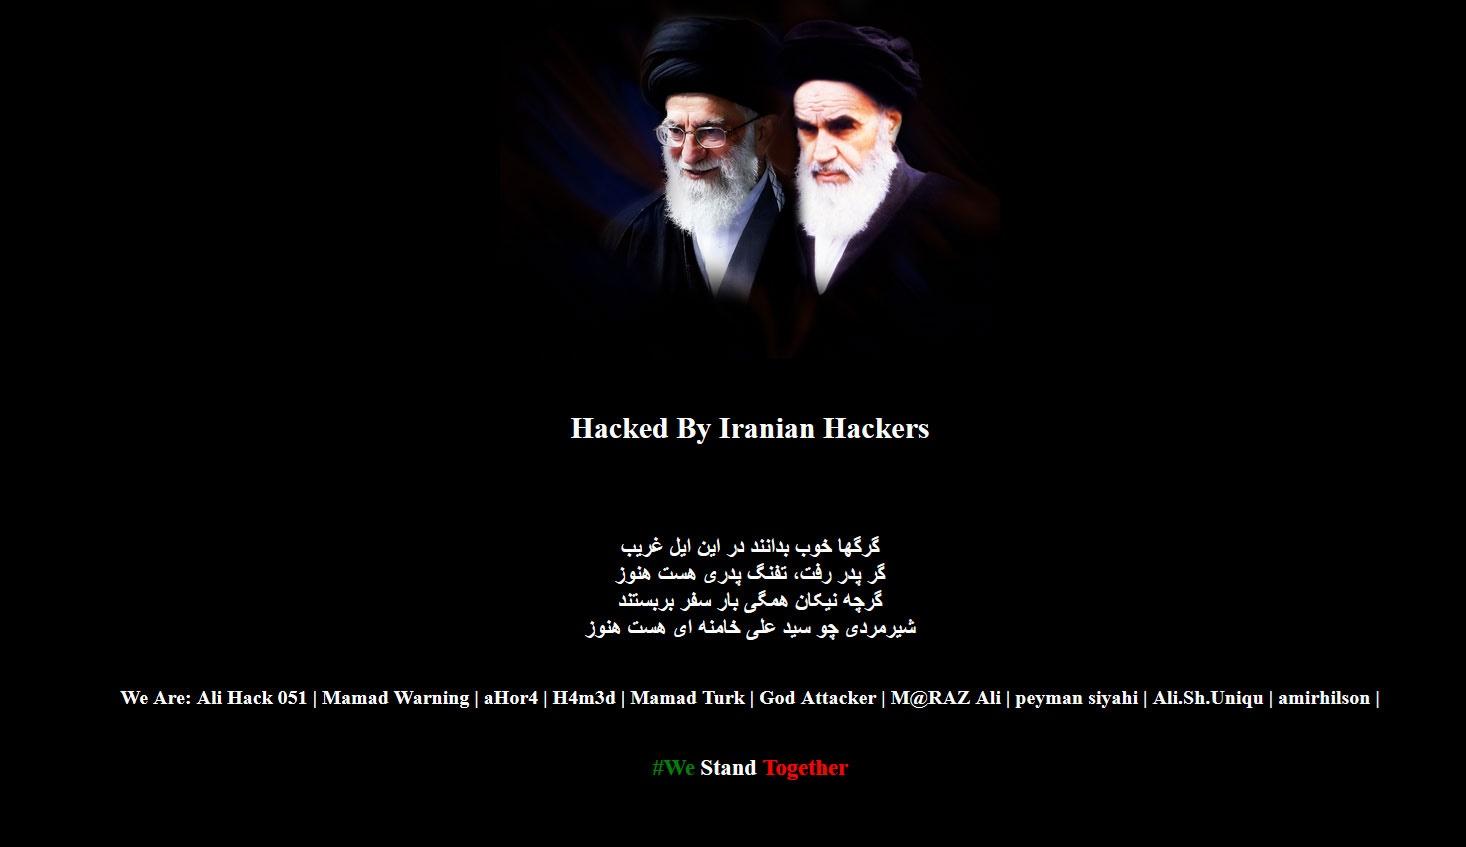 فهرست ۲۰ سایت عربستانی که هکرهای ایرانی آنها را فتح کردند